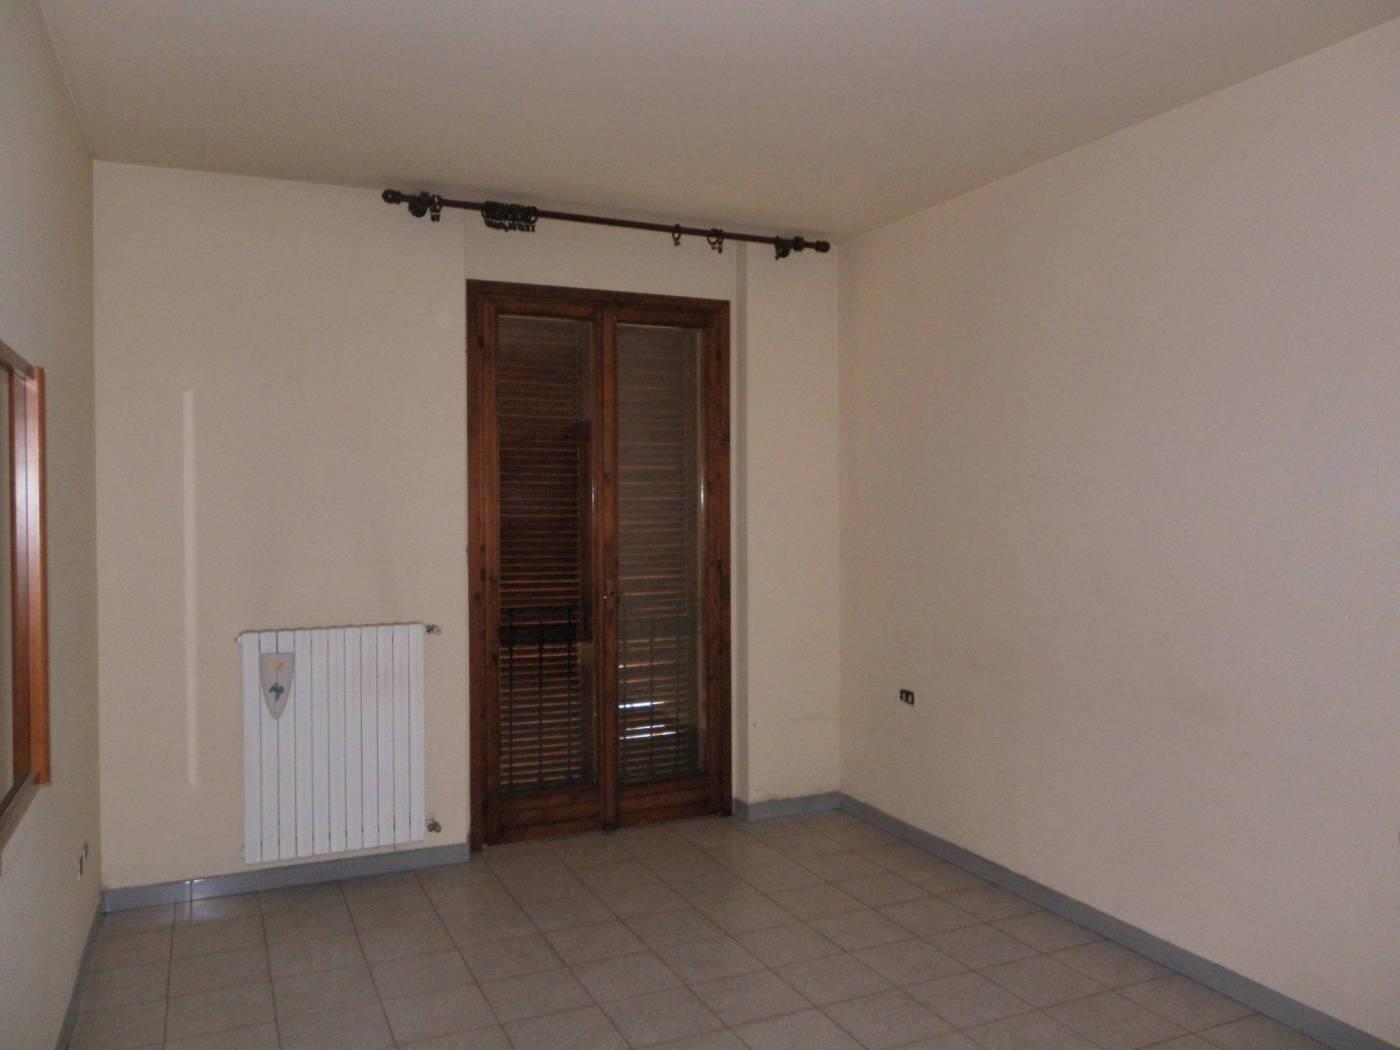 Foto 16 - Appartamento in Vendita - Mezzago (Monza e Brianza)